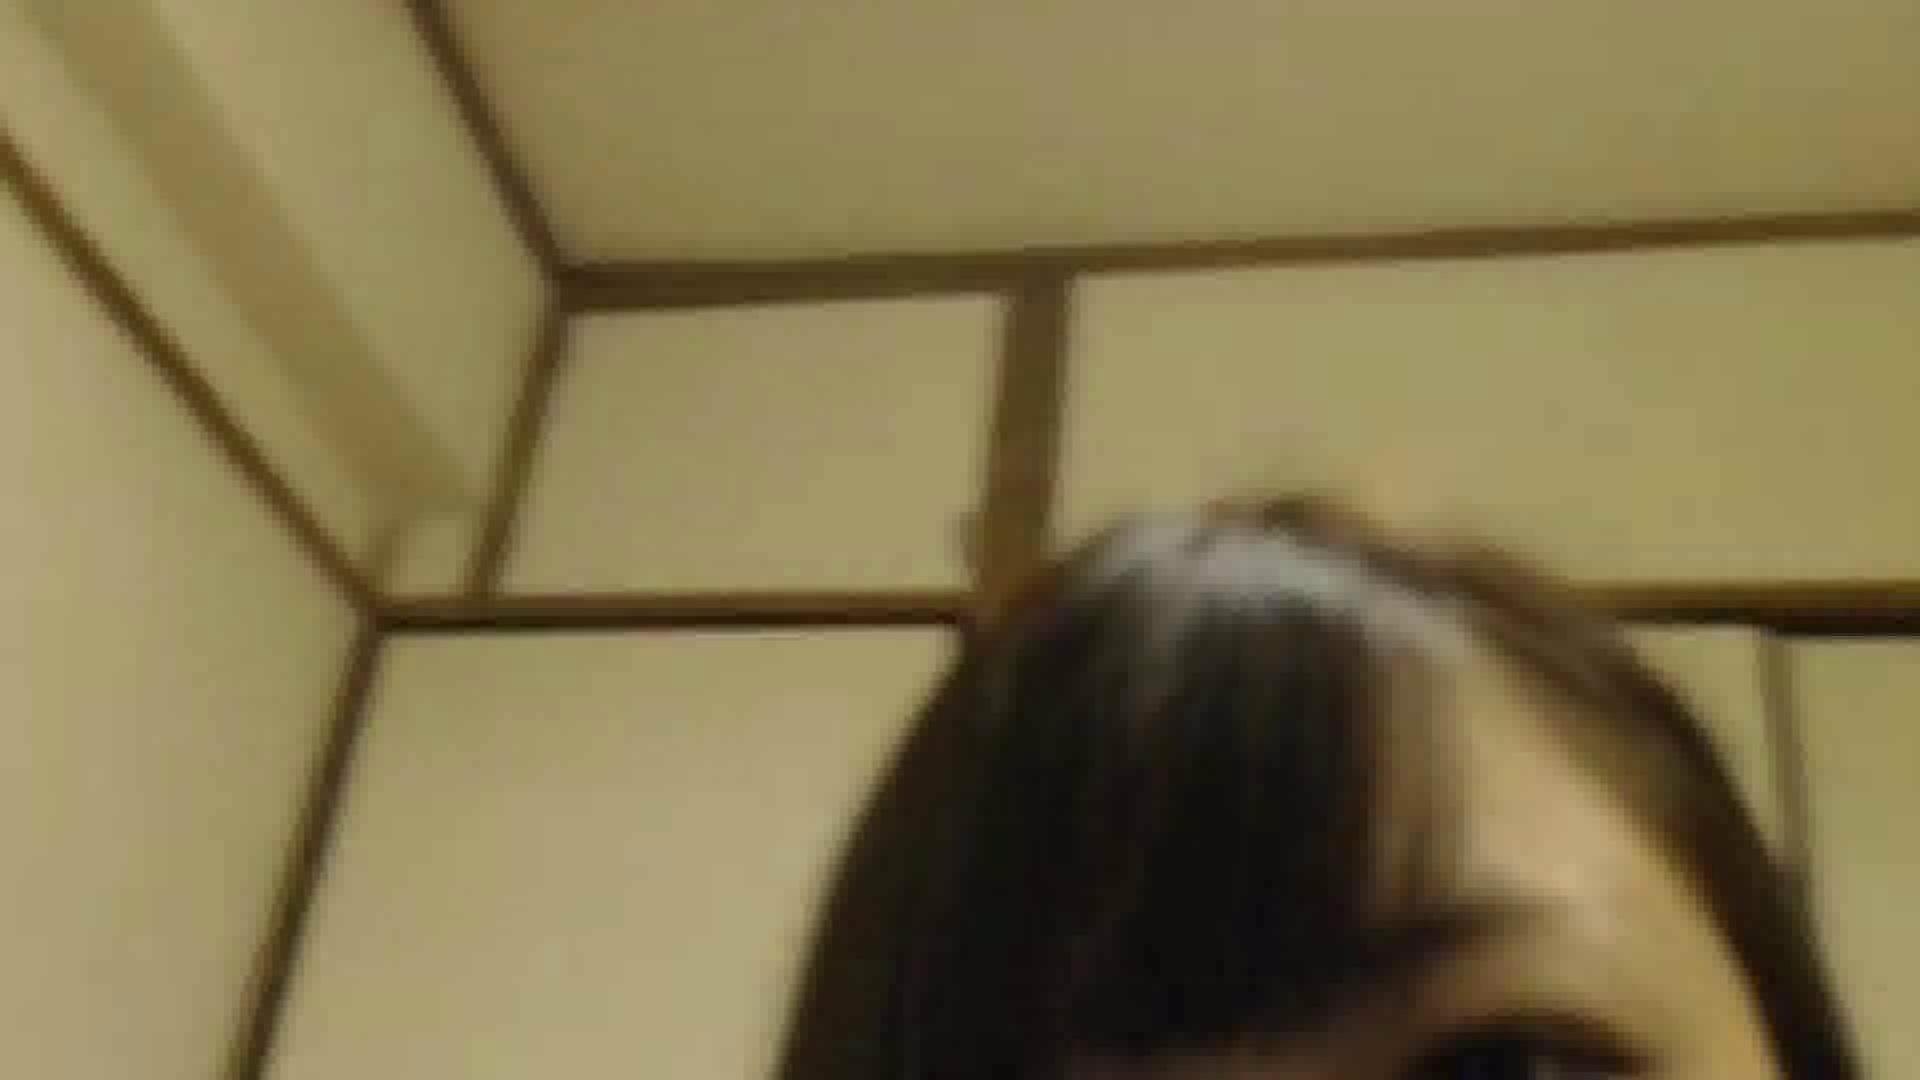 S級ギャルのハメ撮り!生チャット!Vol.21前編 ギャルのエロ動画  108PIX 24